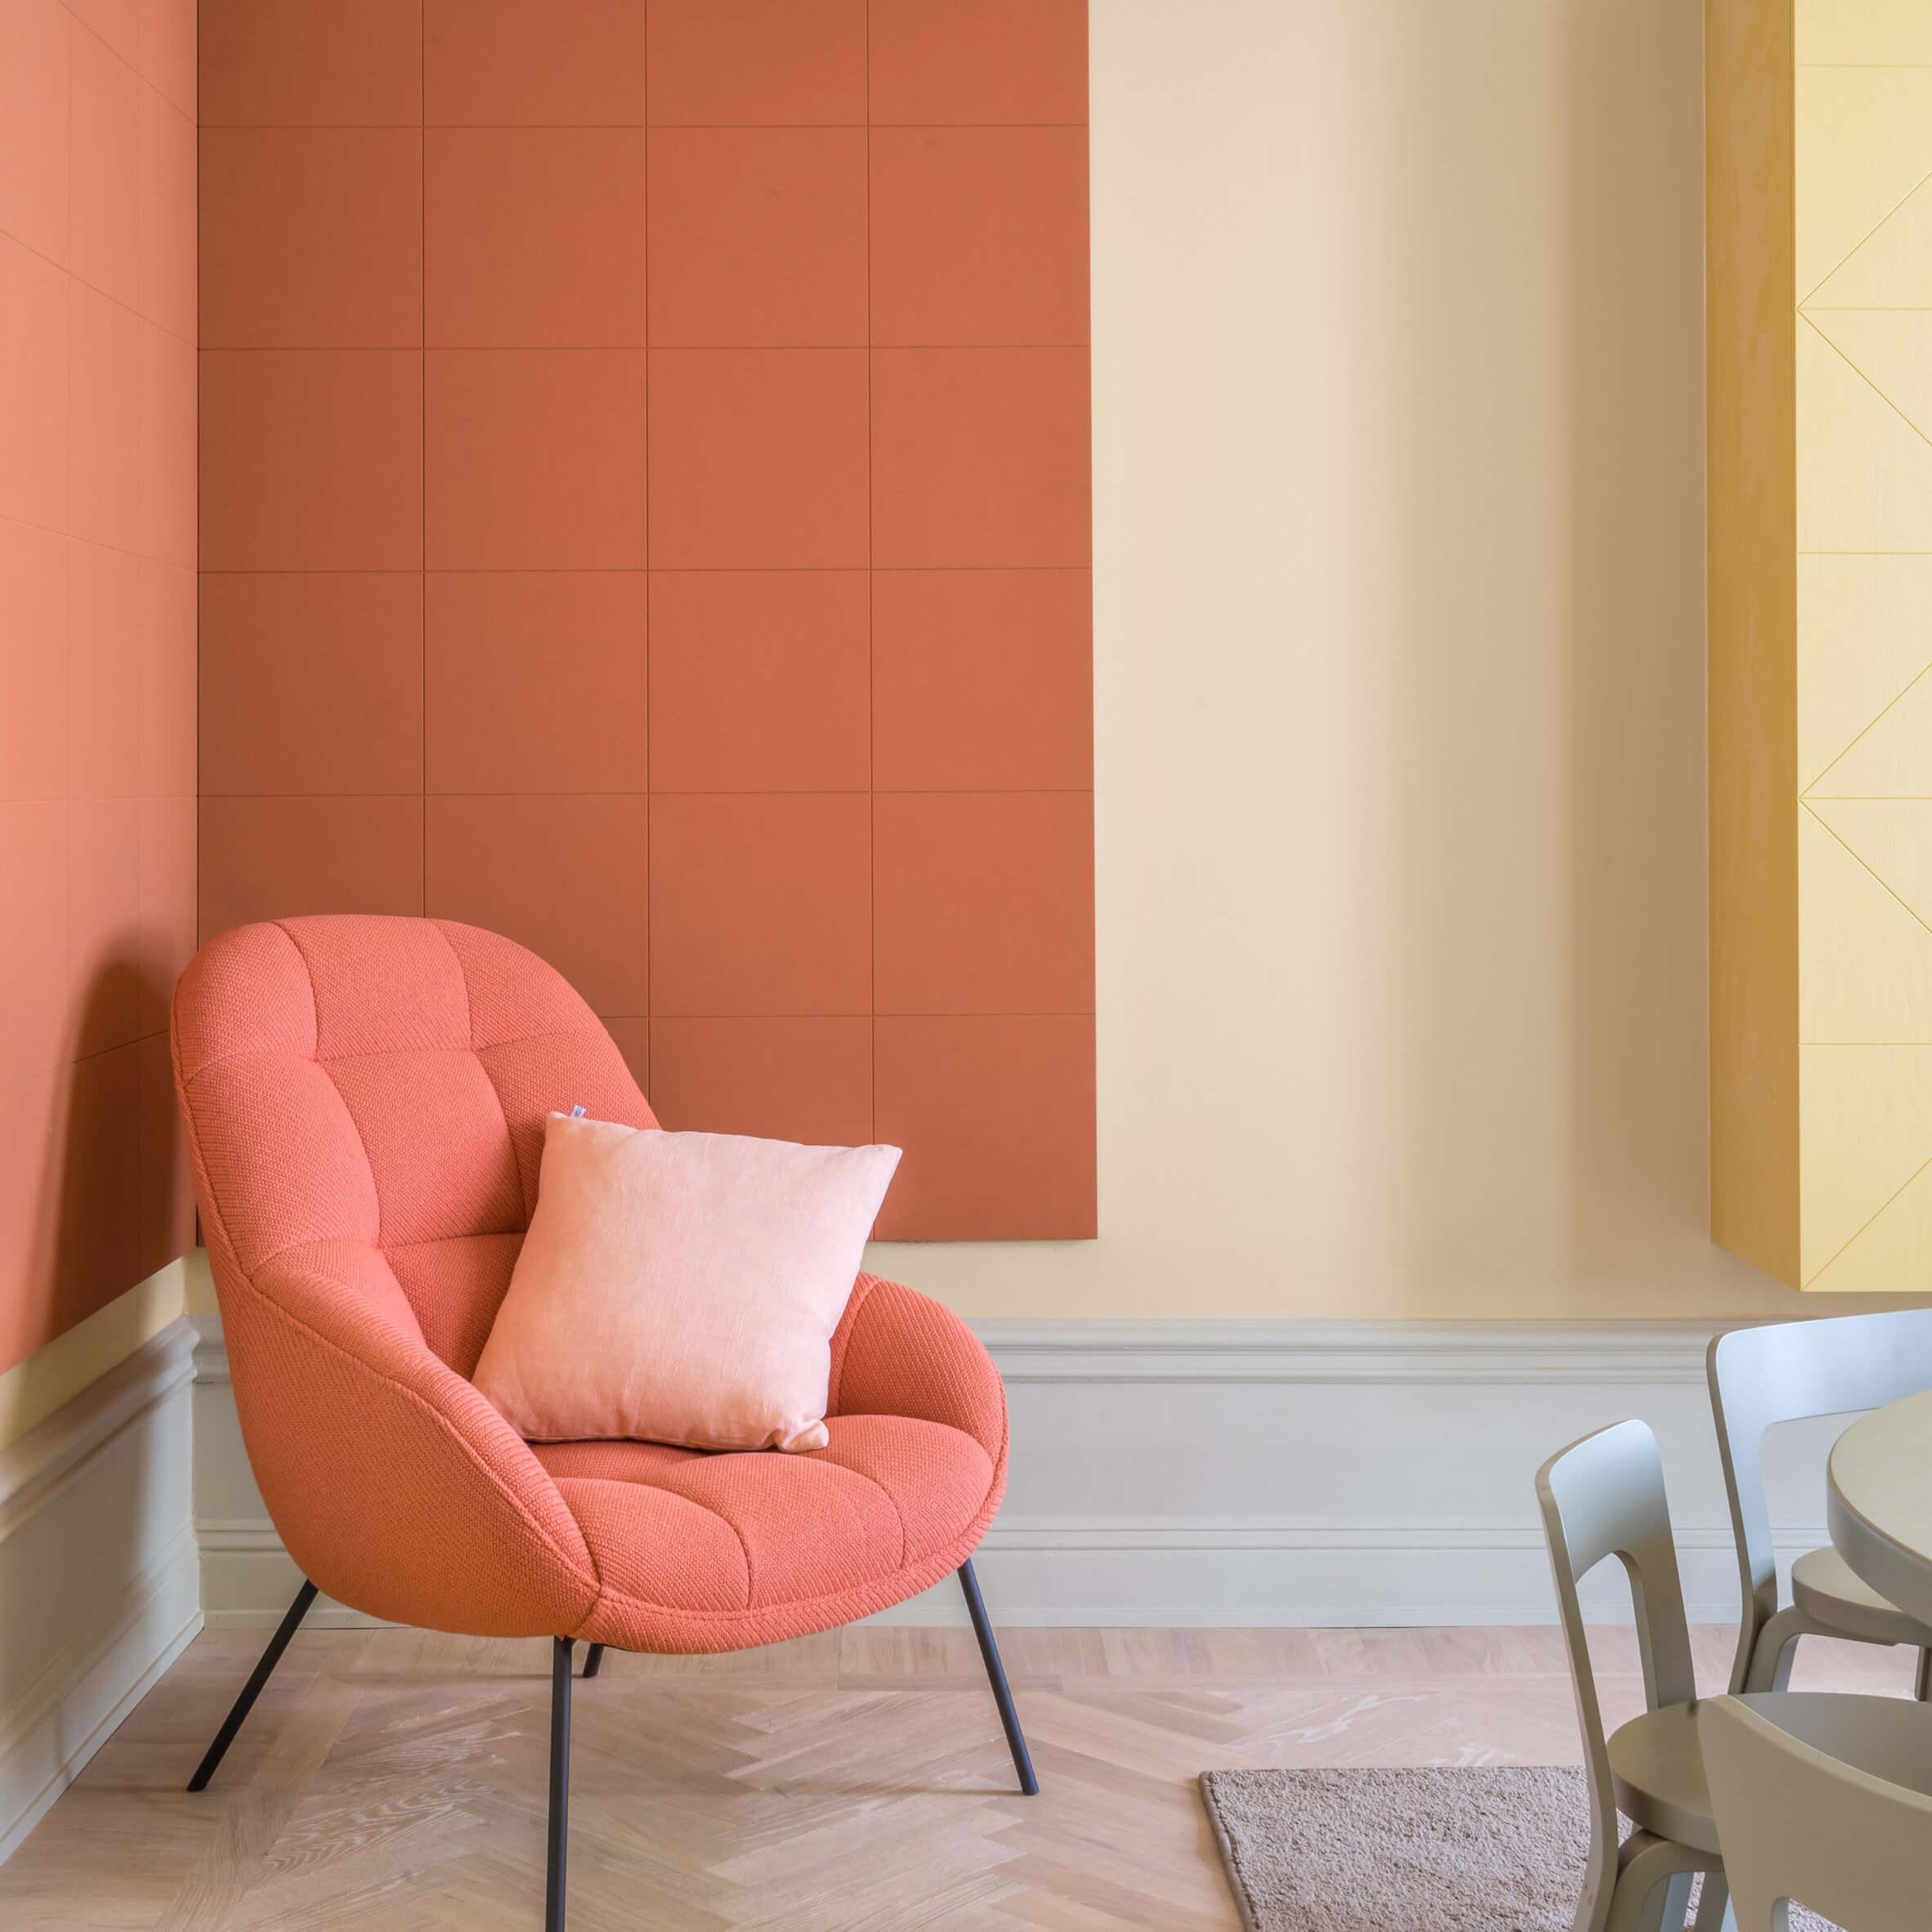 hidden-tints-apartment-sweden-by-note-design-studio